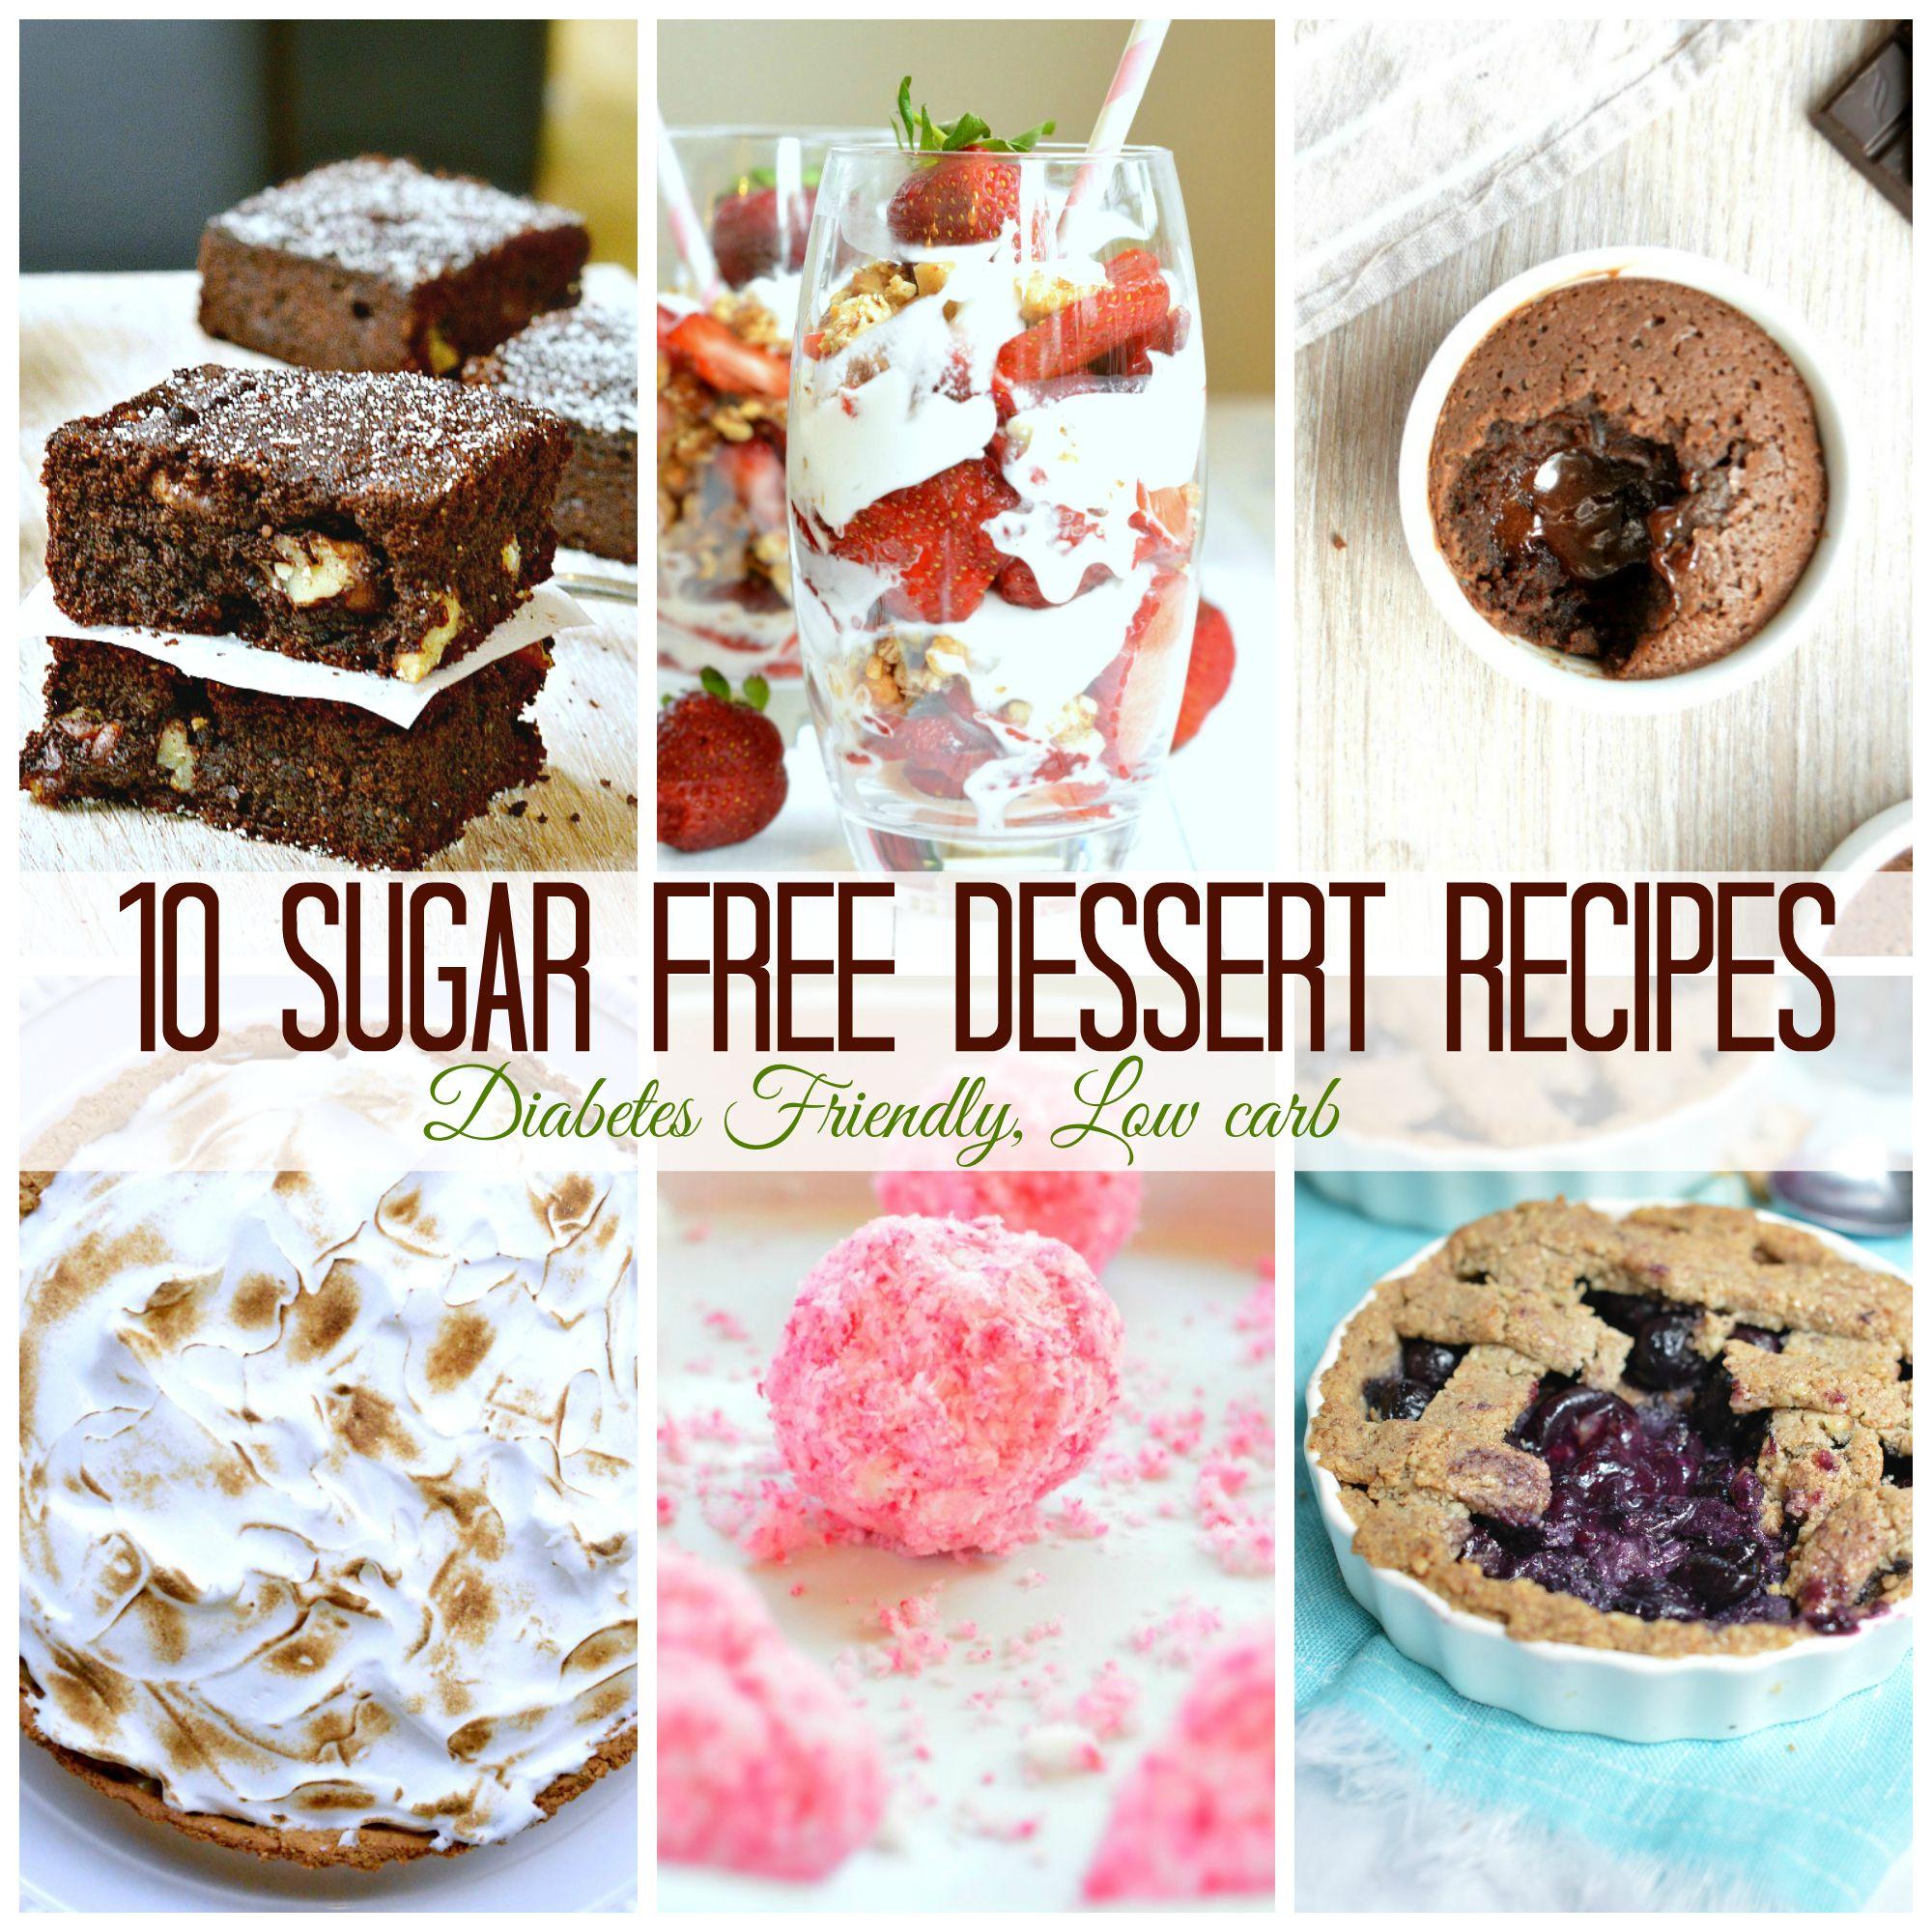 10 Sugar Free Dessert Recipes For Diabetics + More Refined